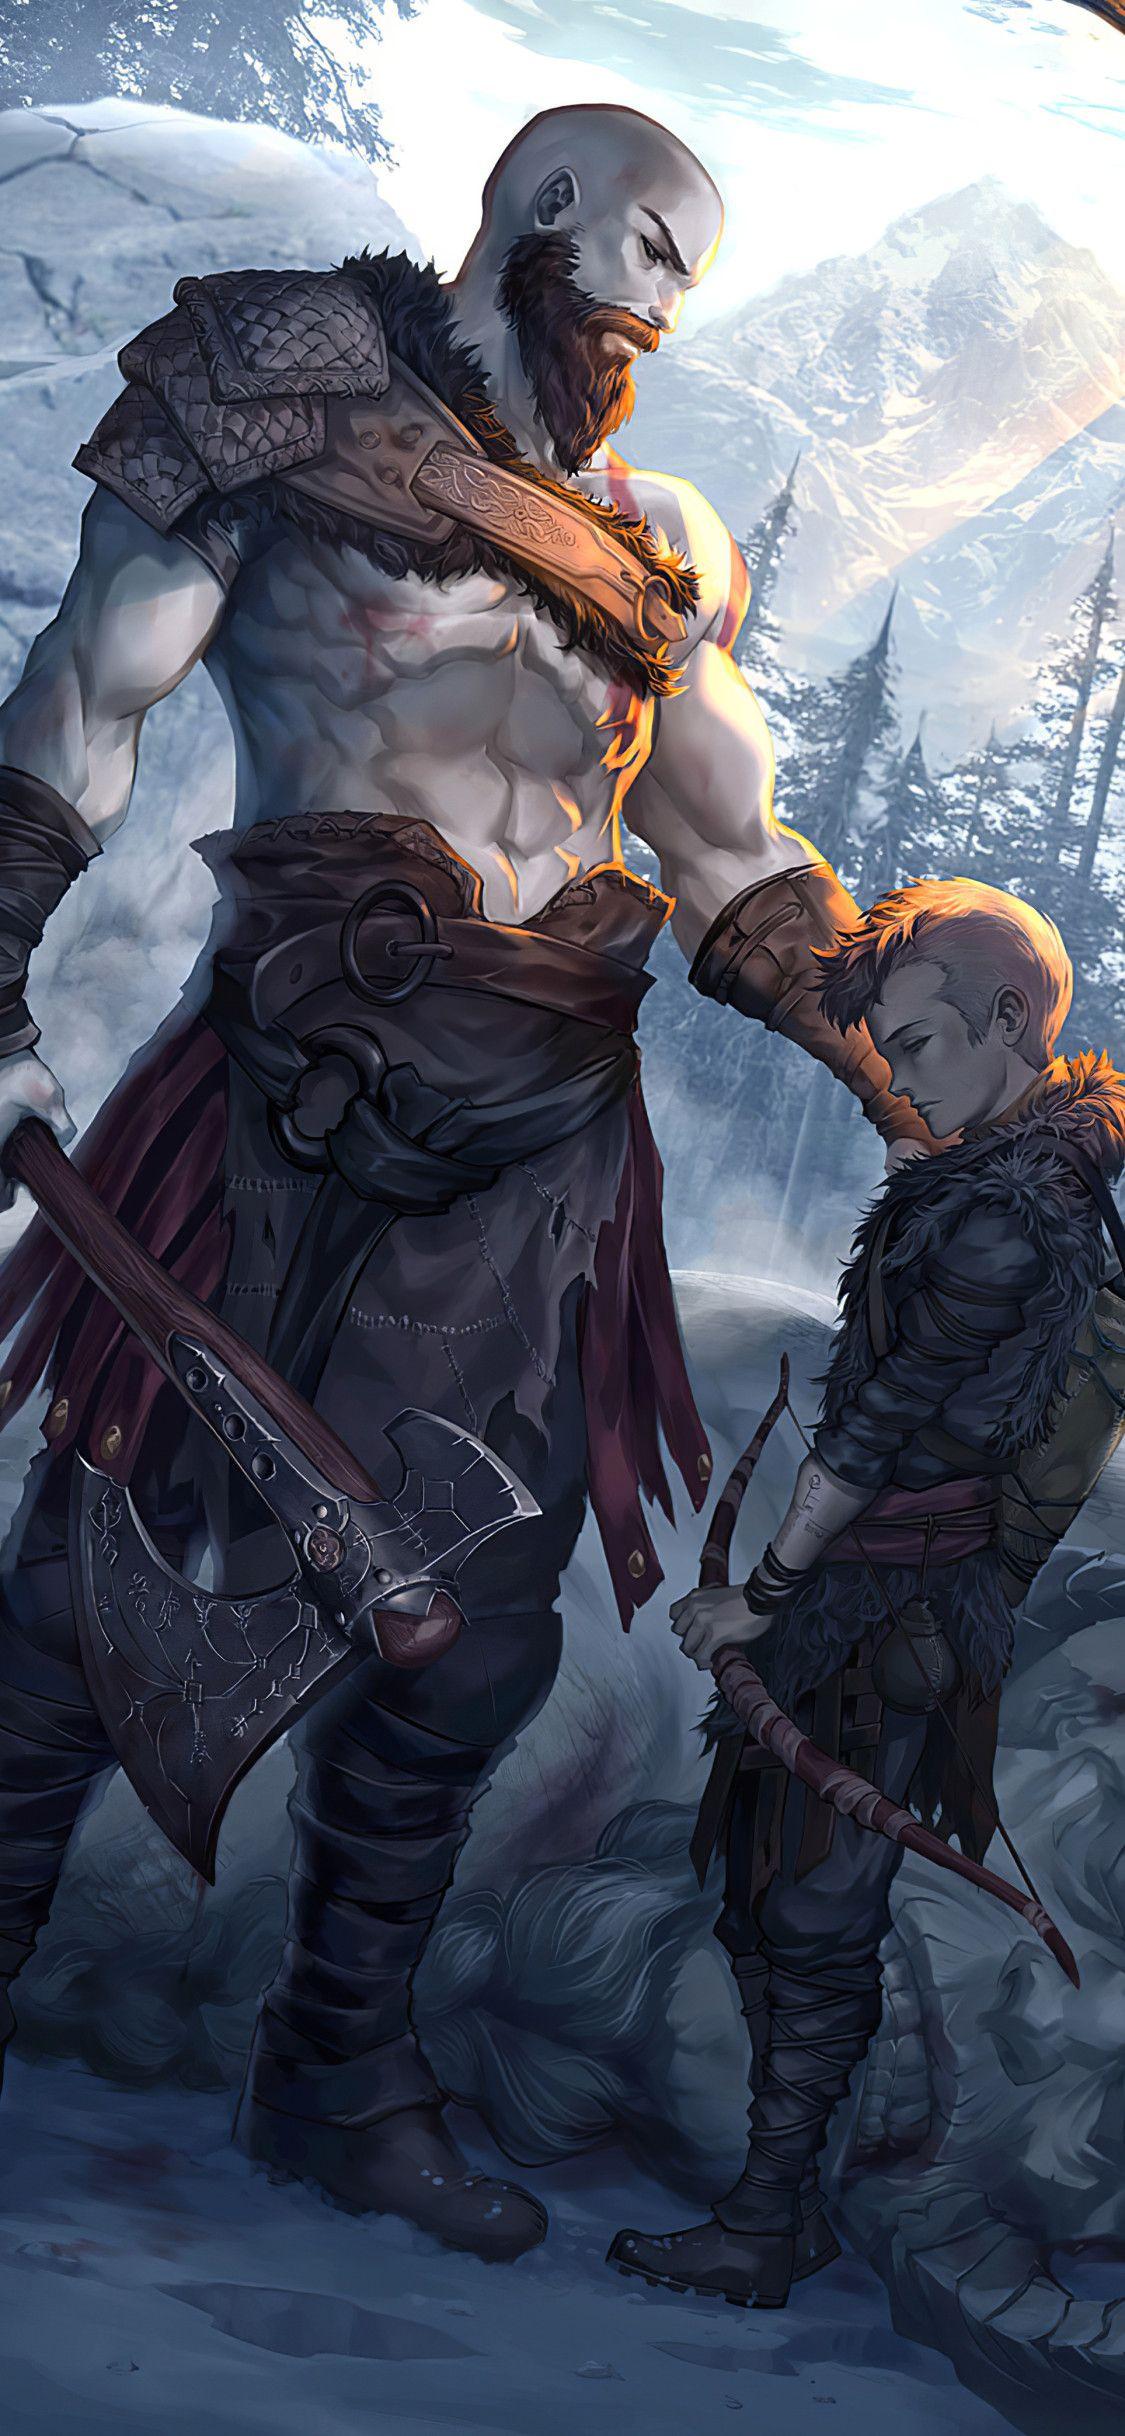 1125x2436 Kratos And Atreus God Of War Art Iphone Xs Iphone 10 Iphone X Hd 4k Wallpapers Images Backgrounds Photos And Kratos God Of War God Of War War Art